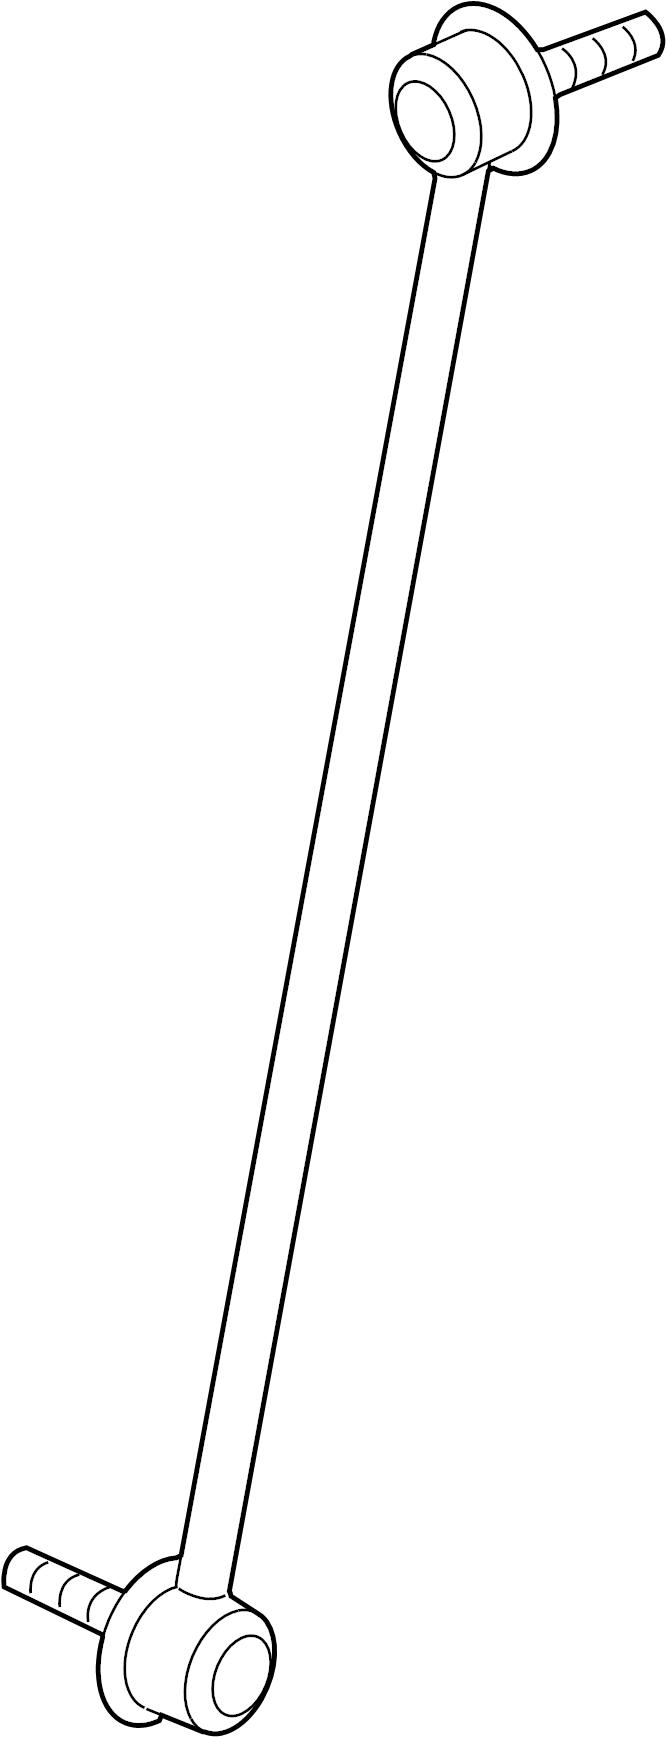 2001 audi tt roadster wiring diagram